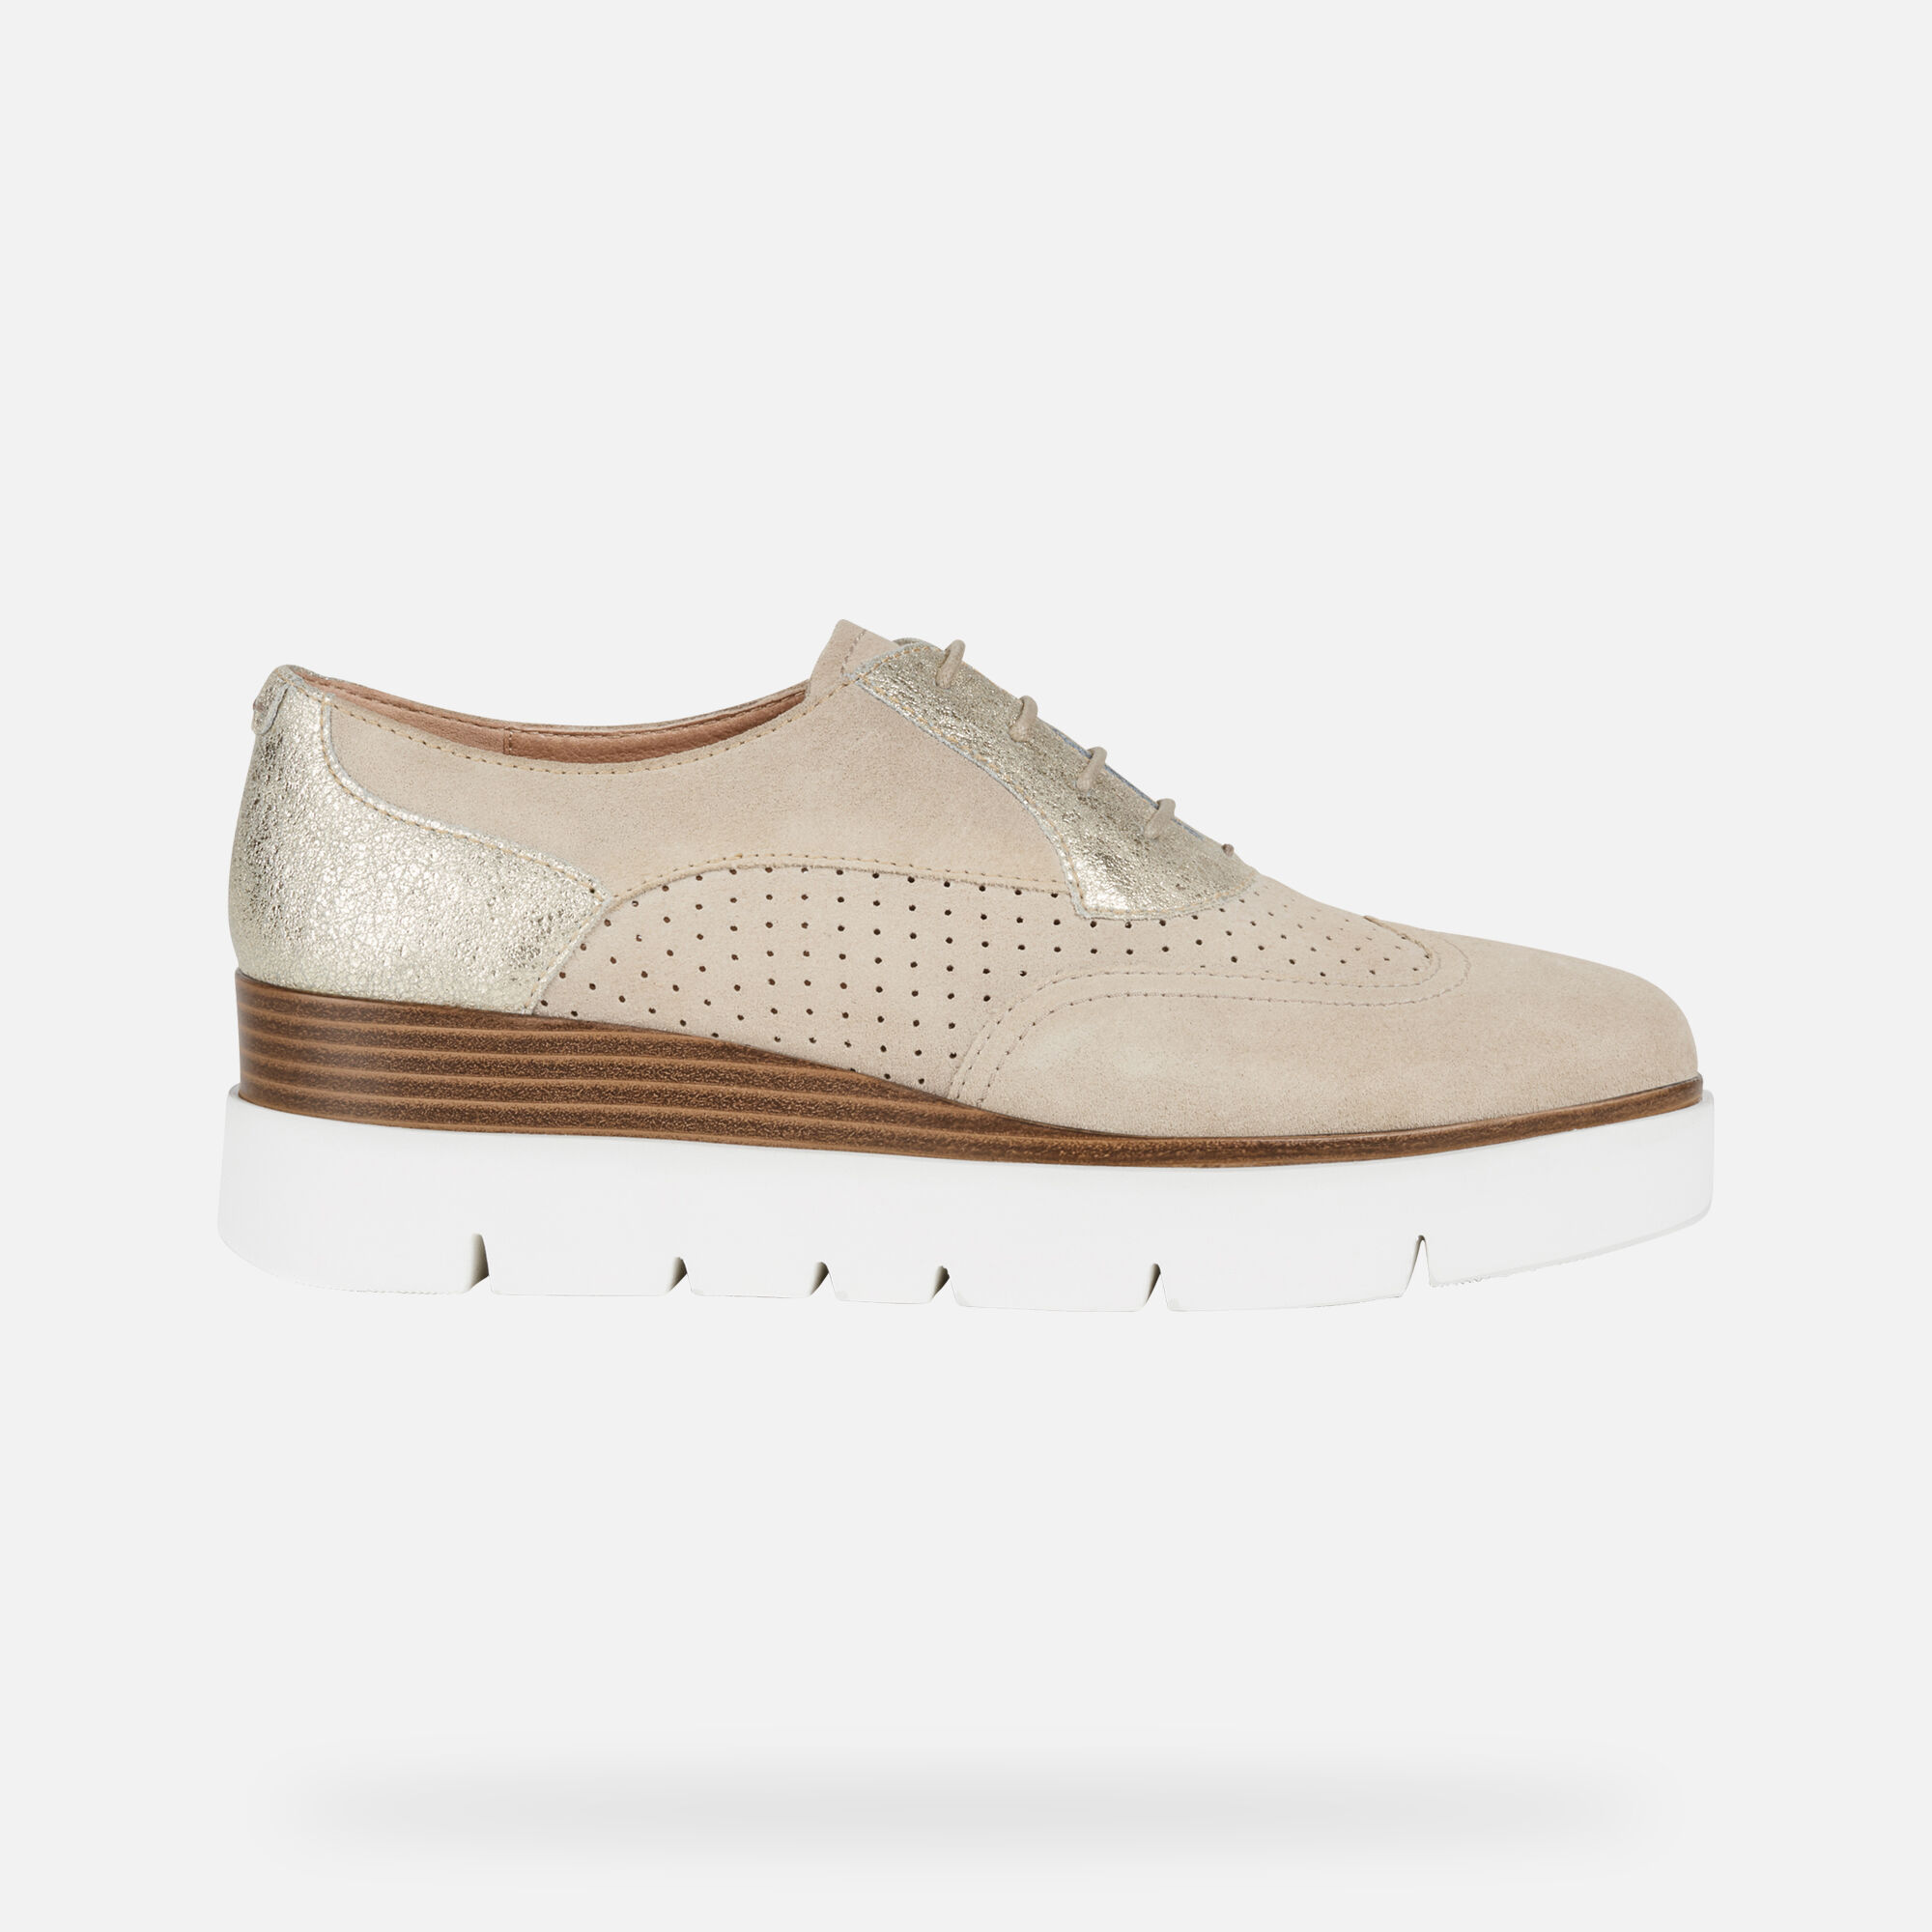 Chaussures sport femme Geox dorées effet métallisé · Geox